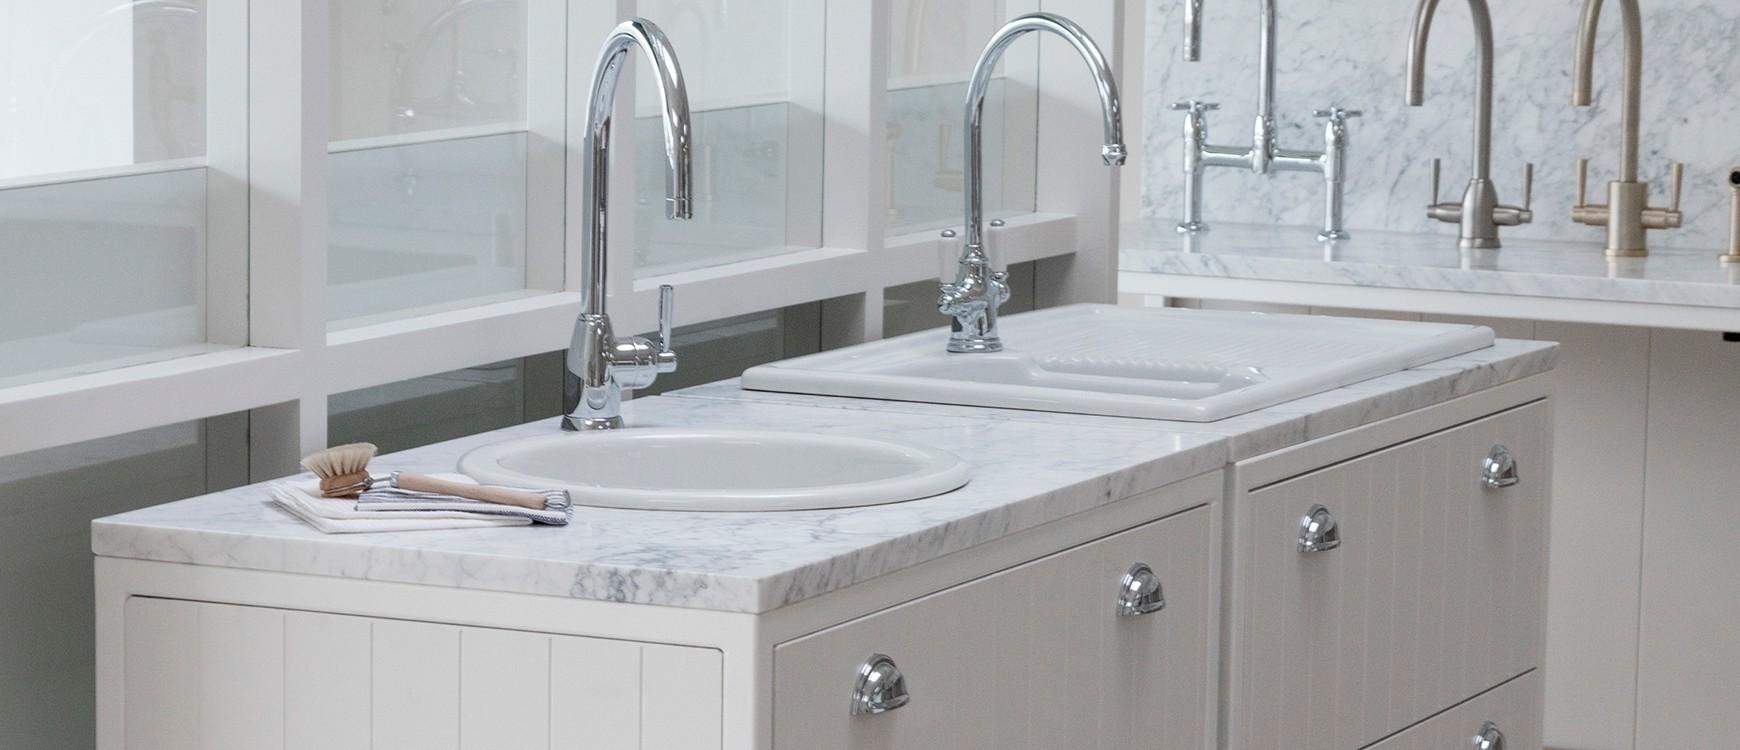 Specifying Italian Fireclay Kitchen Sinks & Best Quality Italian Fireclay Sinks in Australia | The English ...